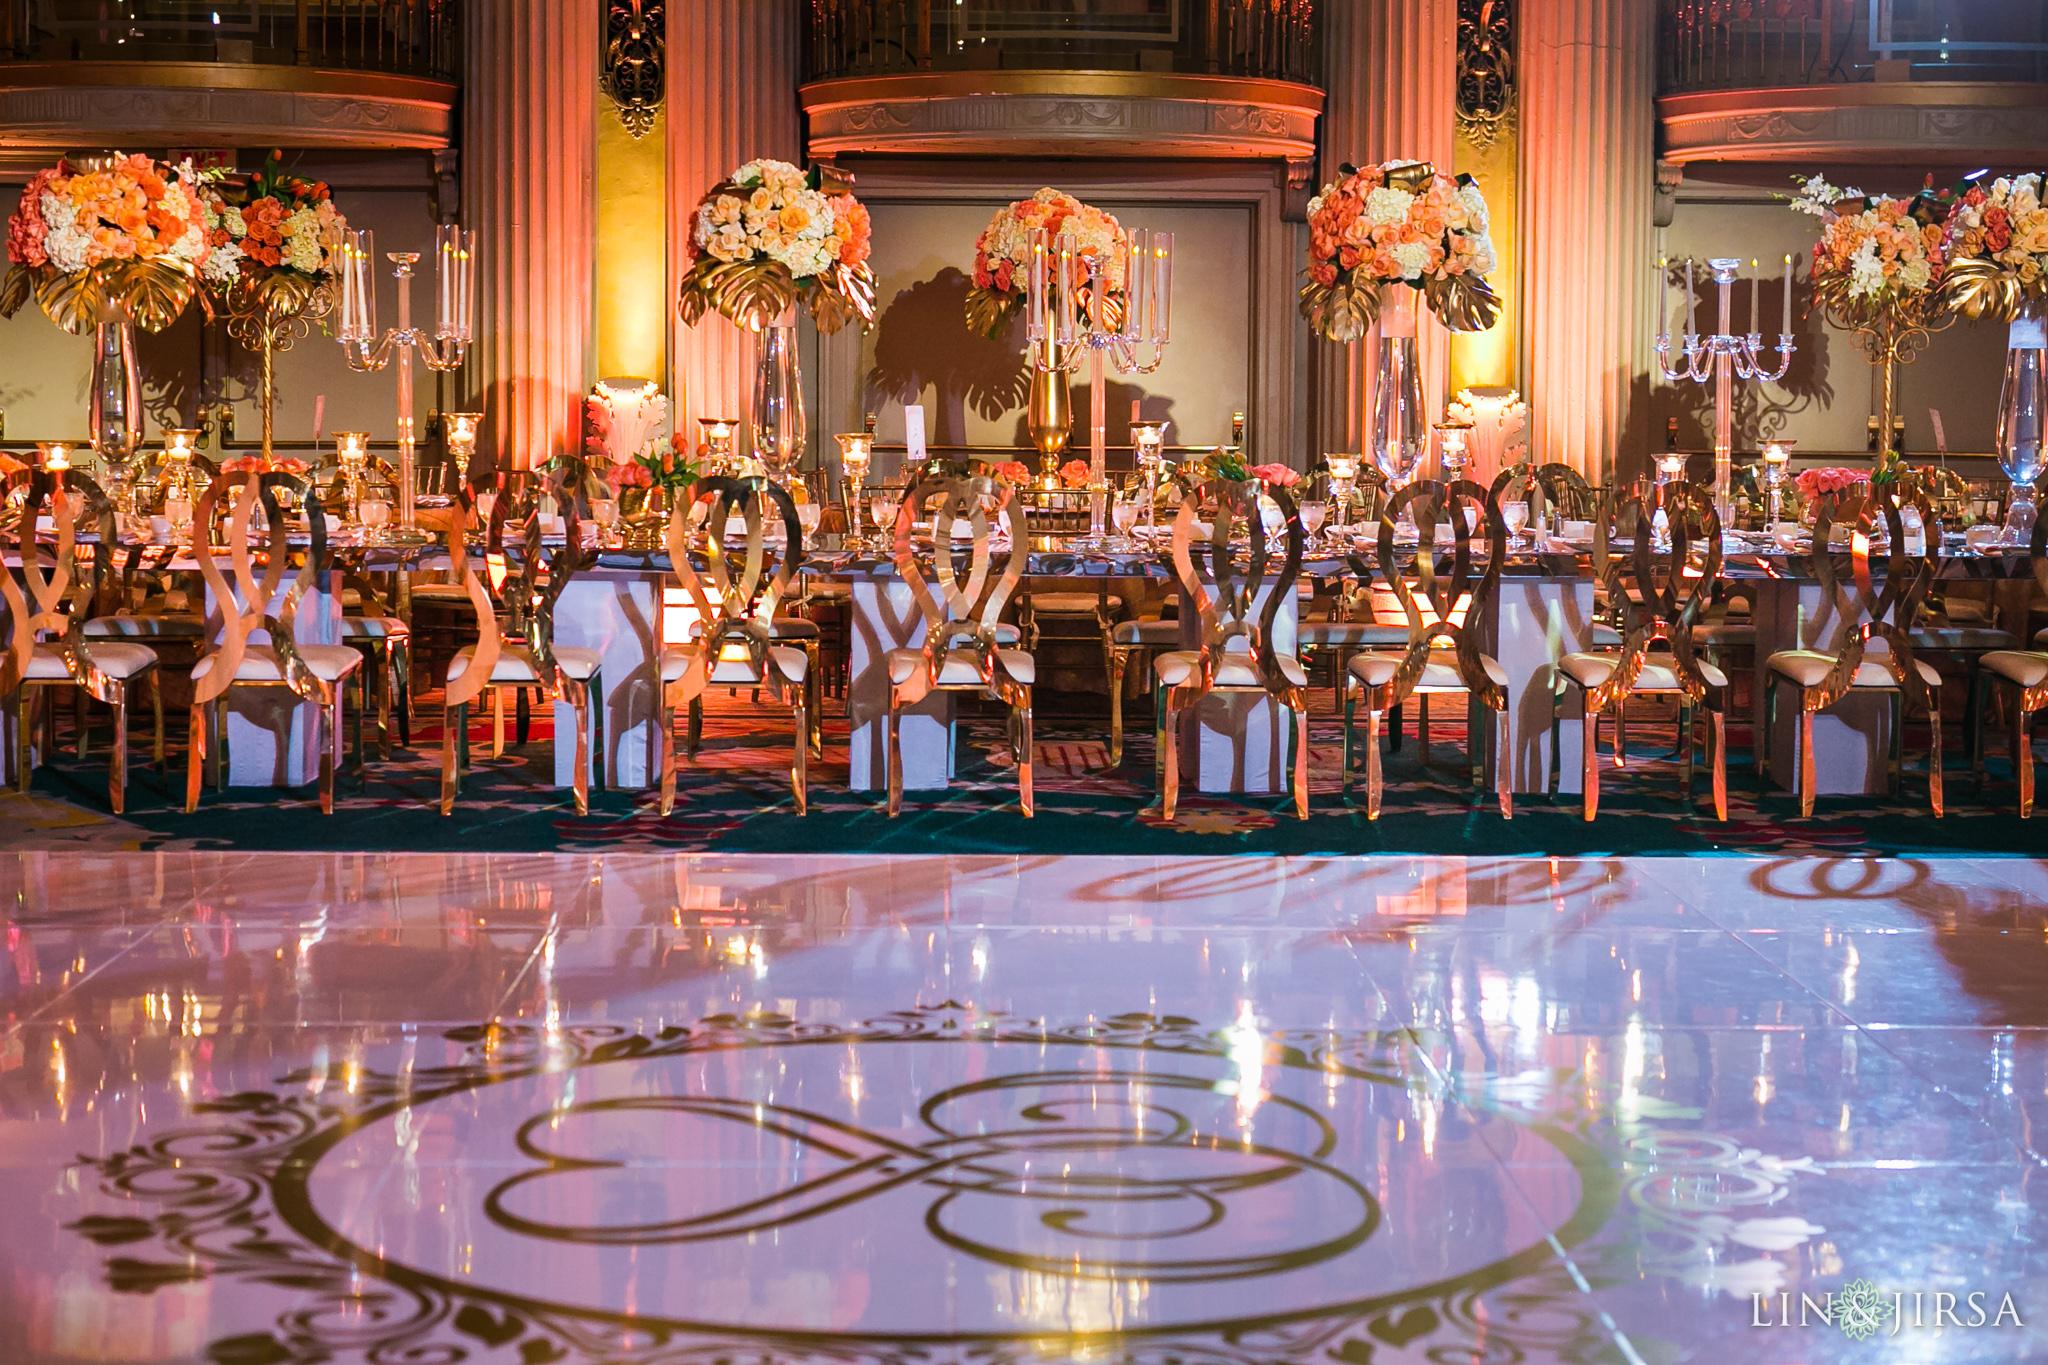 13-biltmore-hotel-los-angeles-wedding-reception-photography